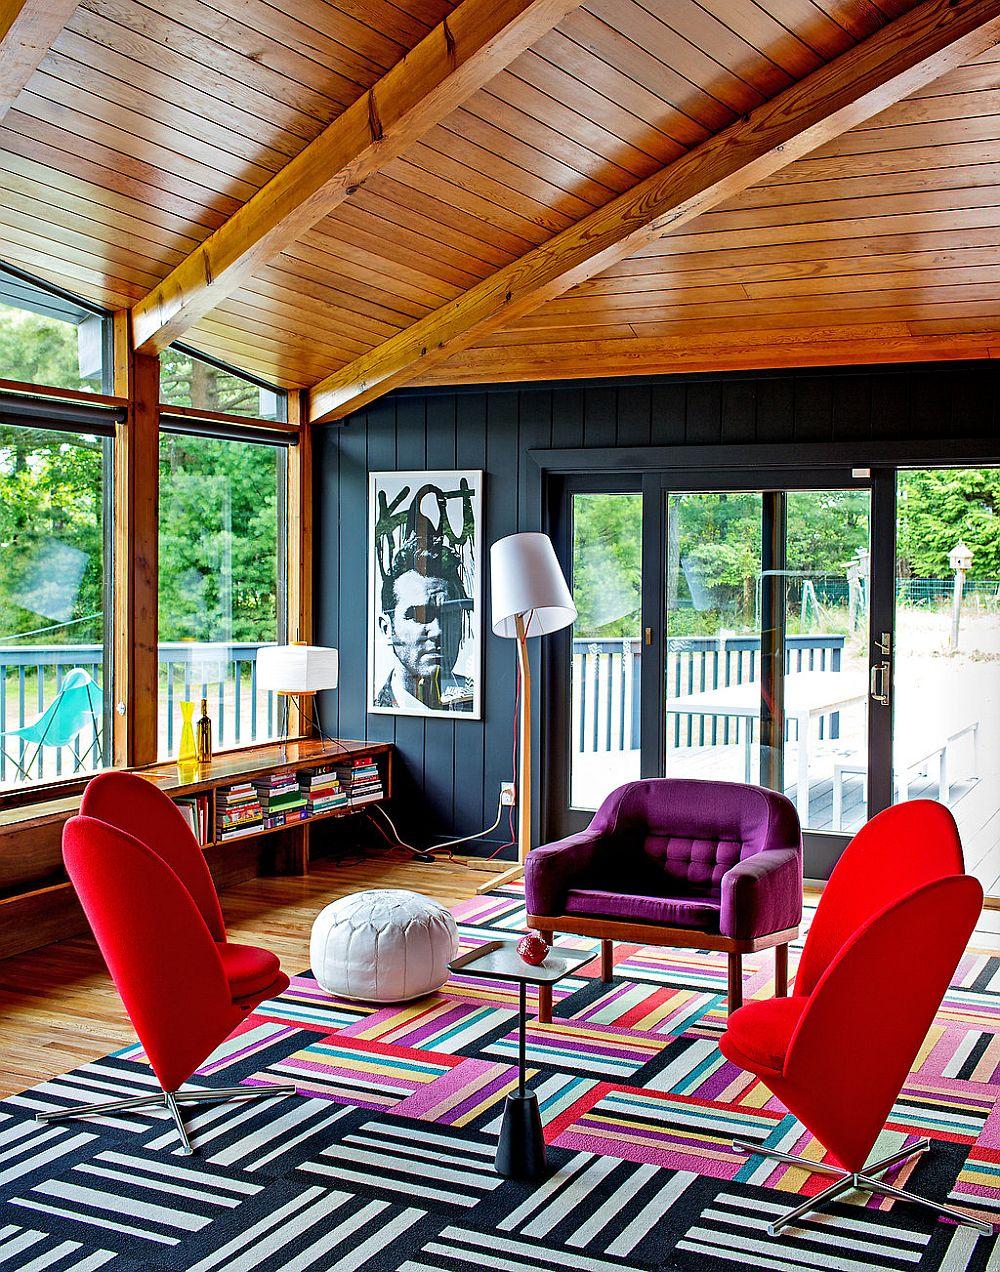 adelaparvu.com despre cabana cu interior colorat si piese de design, casa americana, designer Bradford Shellhammer, Foto Trevor Tondro (18)